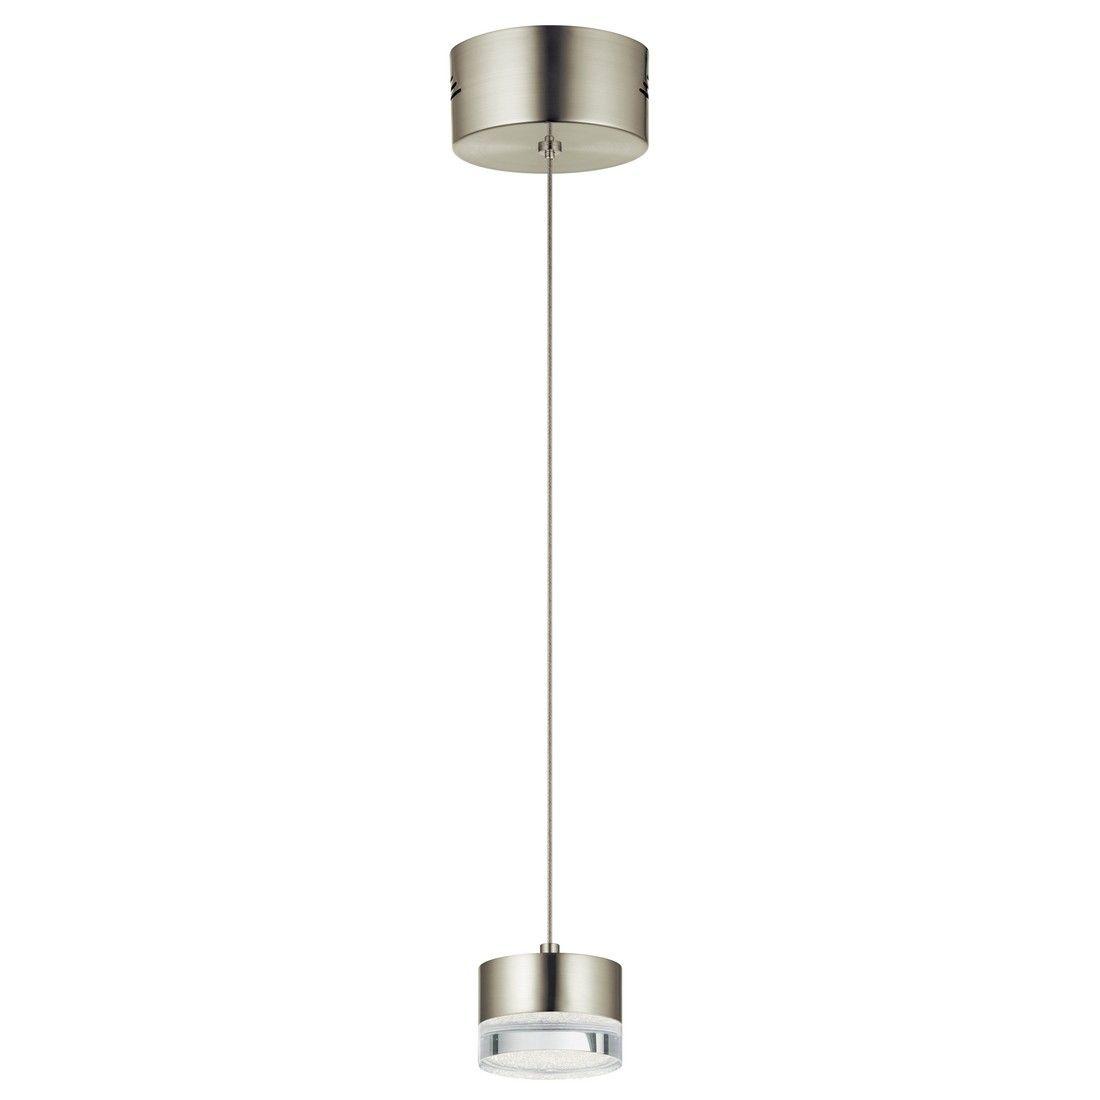 """3 Light Led Ceiling Pendant Brushed Nickel Contemporary: Elan Avenza 3.25"""" LED Mini Pendant In Brushed Nickel"""